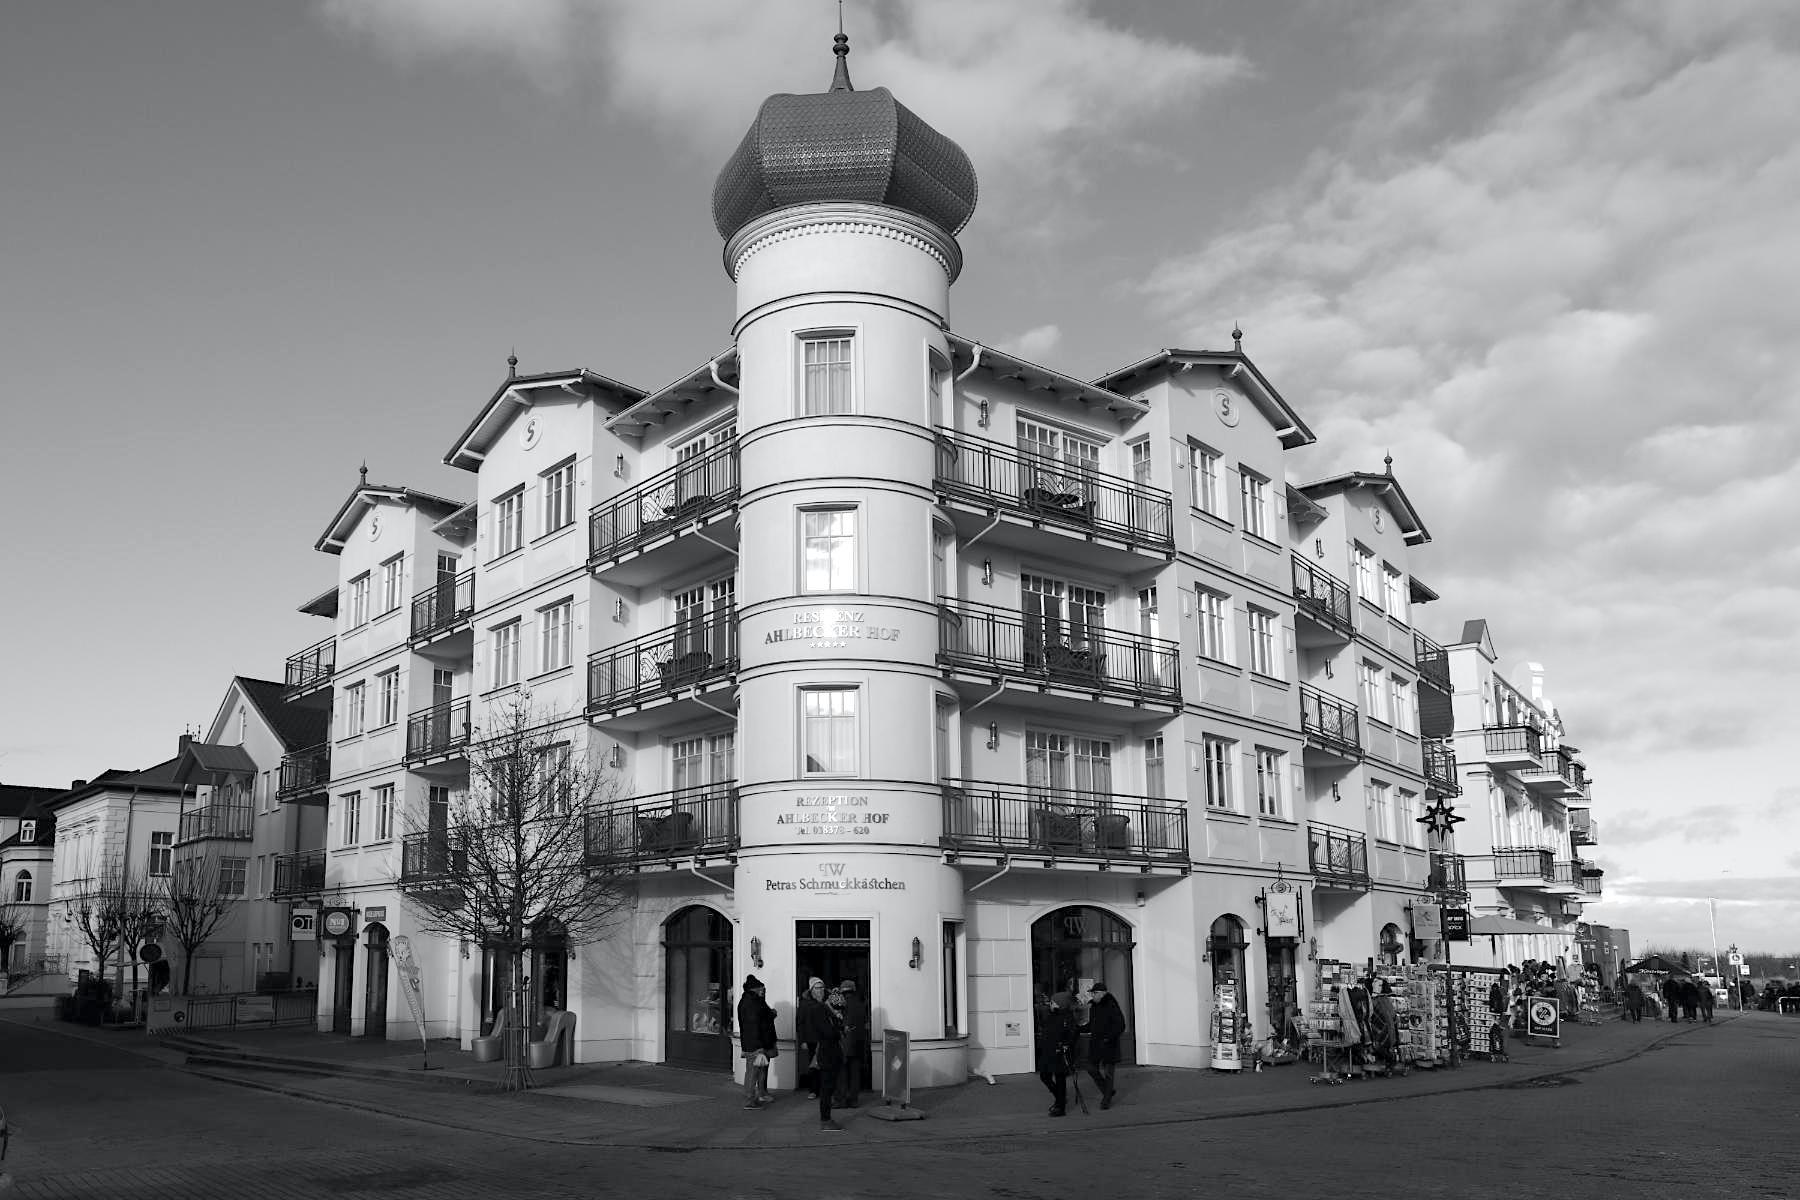 Ahlbeck. ... und einer Suiten-Residenz an der Seestraße. Hier stand bis 2007 die historische Villa Seeblick mit ihrer imposanten Zwiebelkuppel, deren Form im Neubau wieder aufgenommen wurde.